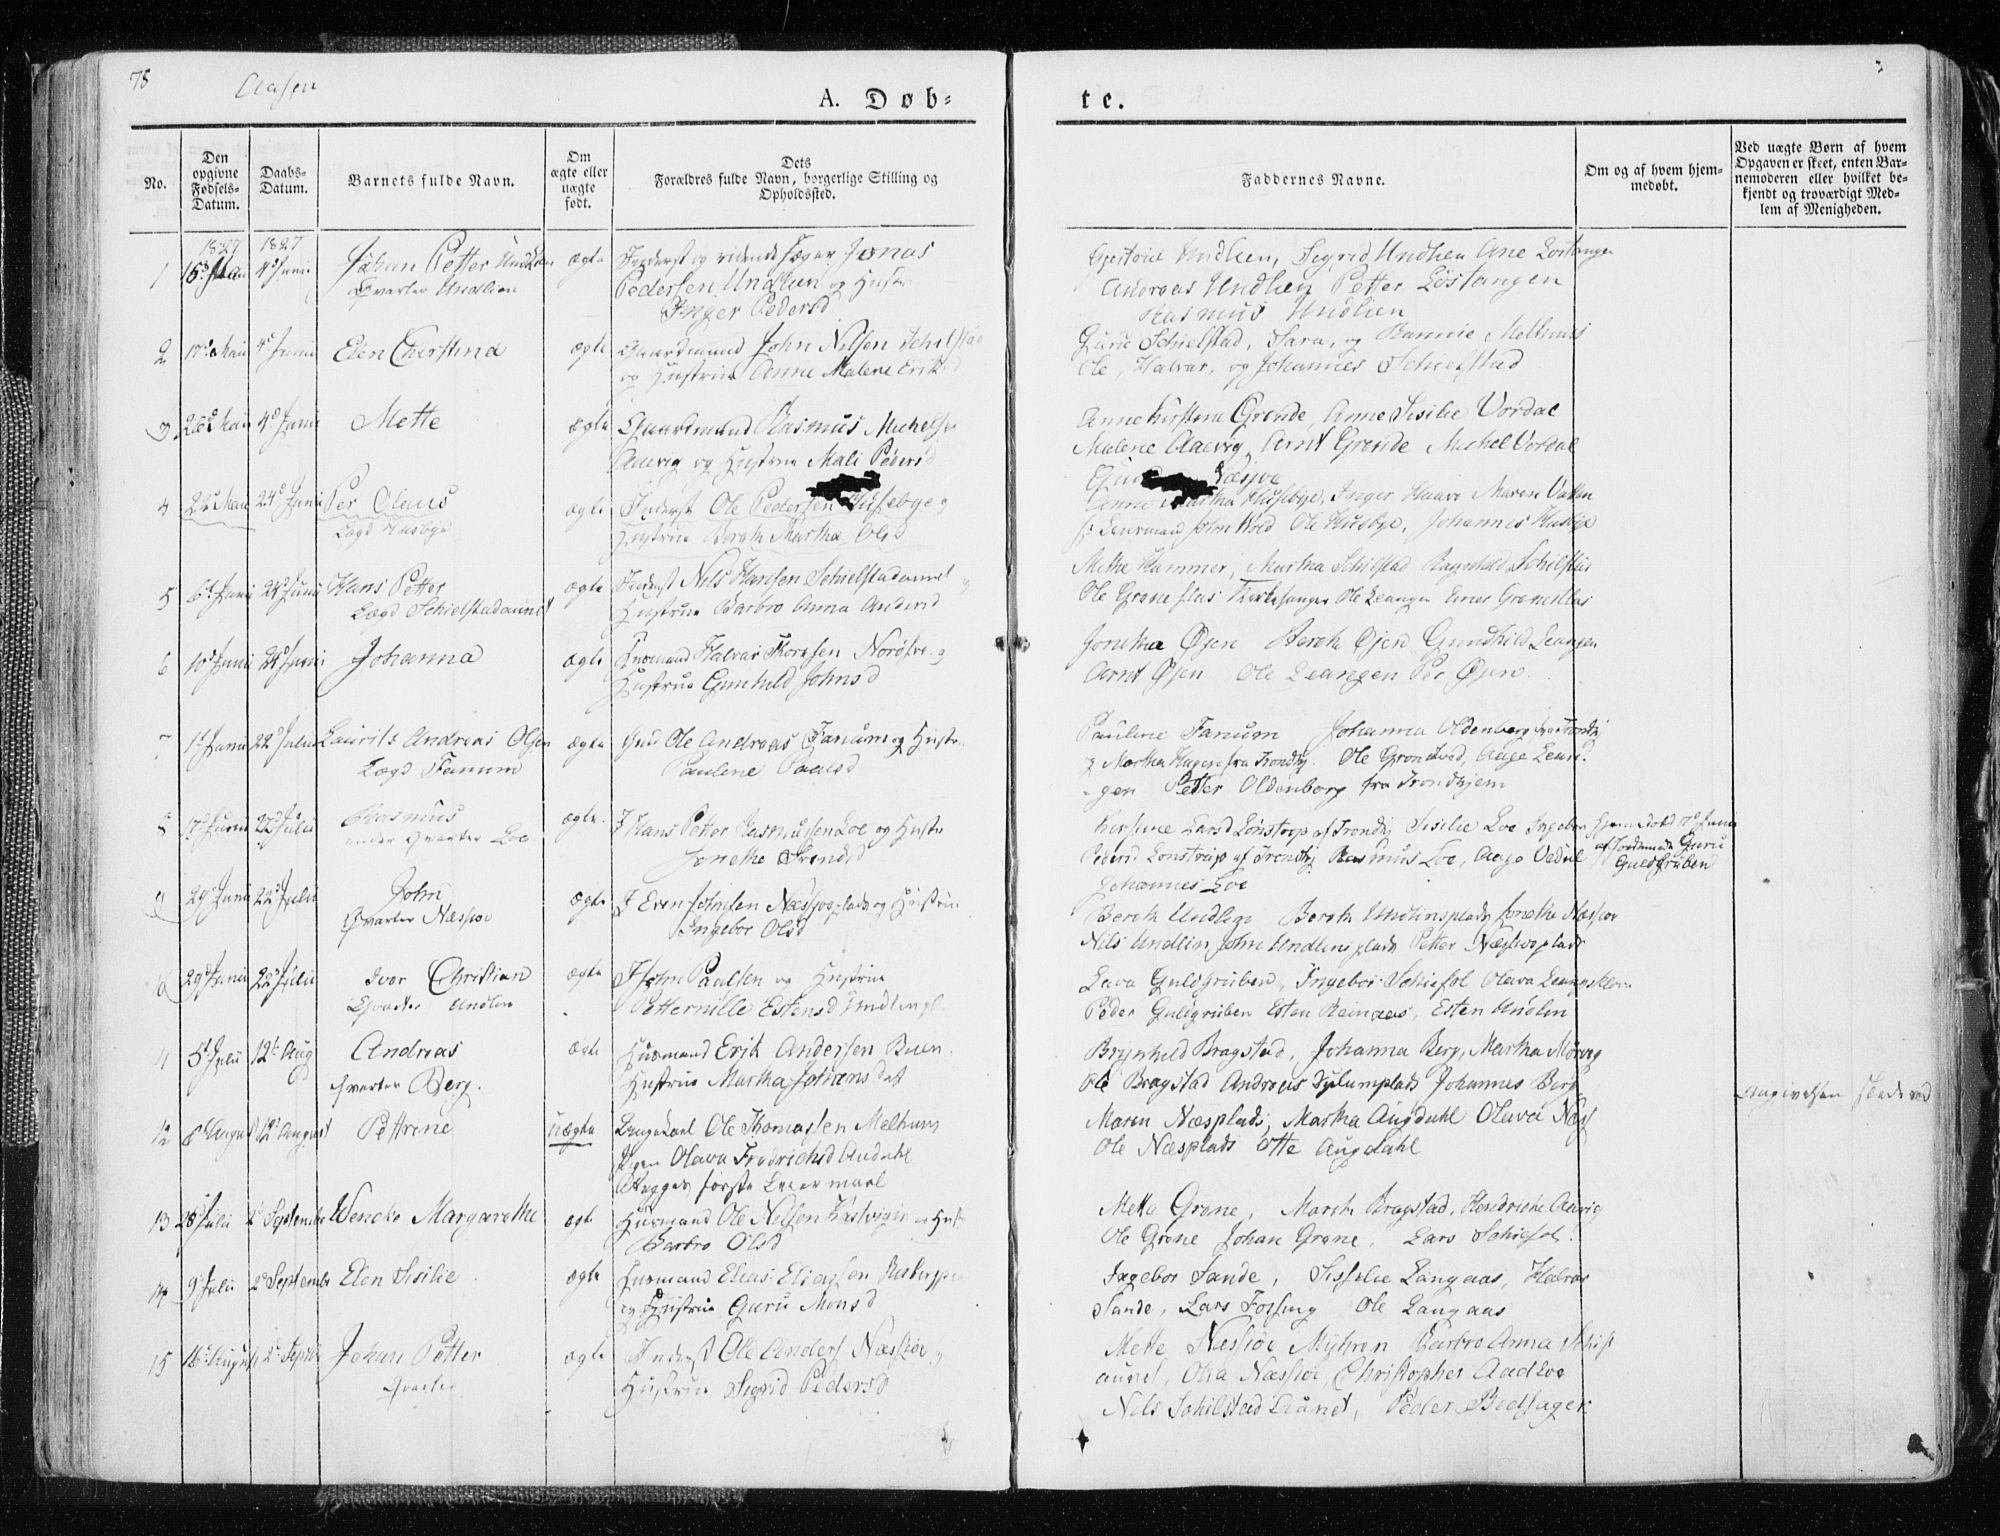 SAT, Ministerialprotokoller, klokkerbøker og fødselsregistre - Nord-Trøndelag, 713/L0114: Ministerialbok nr. 713A05, 1827-1839, s. 78